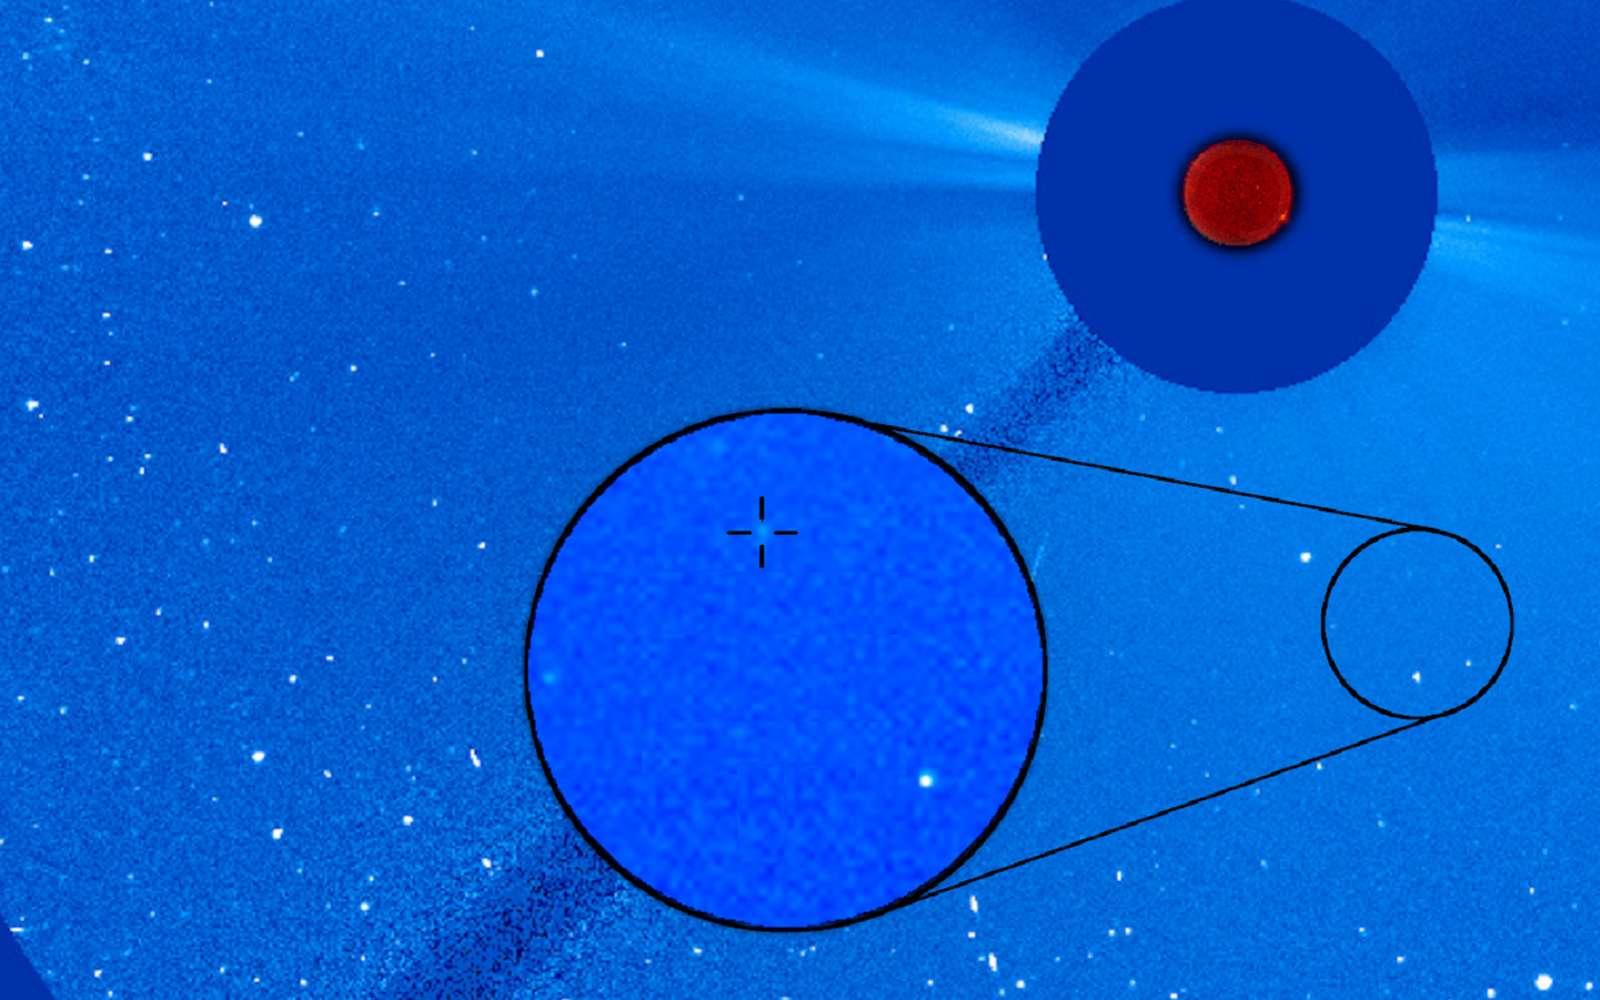 SOHO-4000, une nouvelle étape dans les 25 ans de services de l'observatoire solaire Soho de l'ESA et Nasa © ESA, Nasa, Soho, Karl Battams